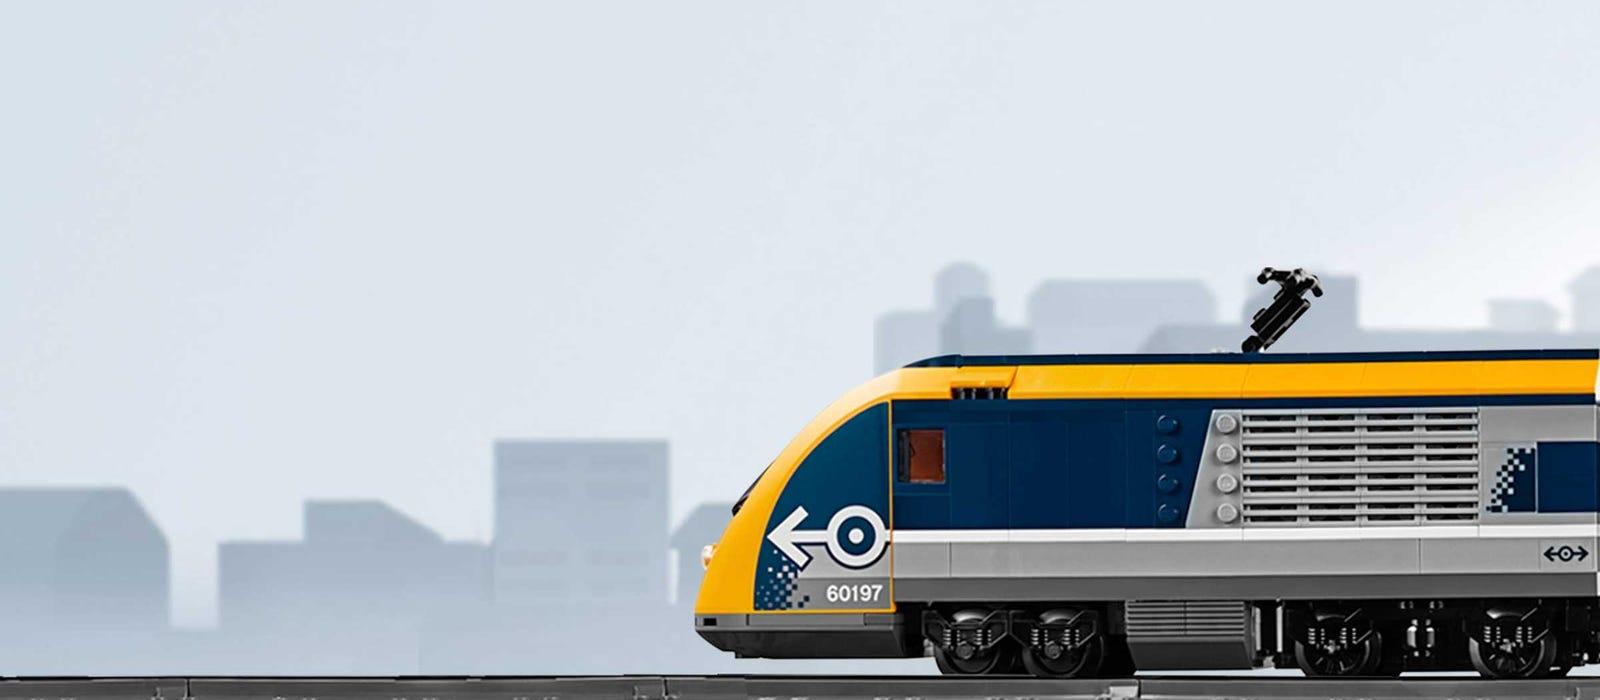 Pociągi City — sekcja główna